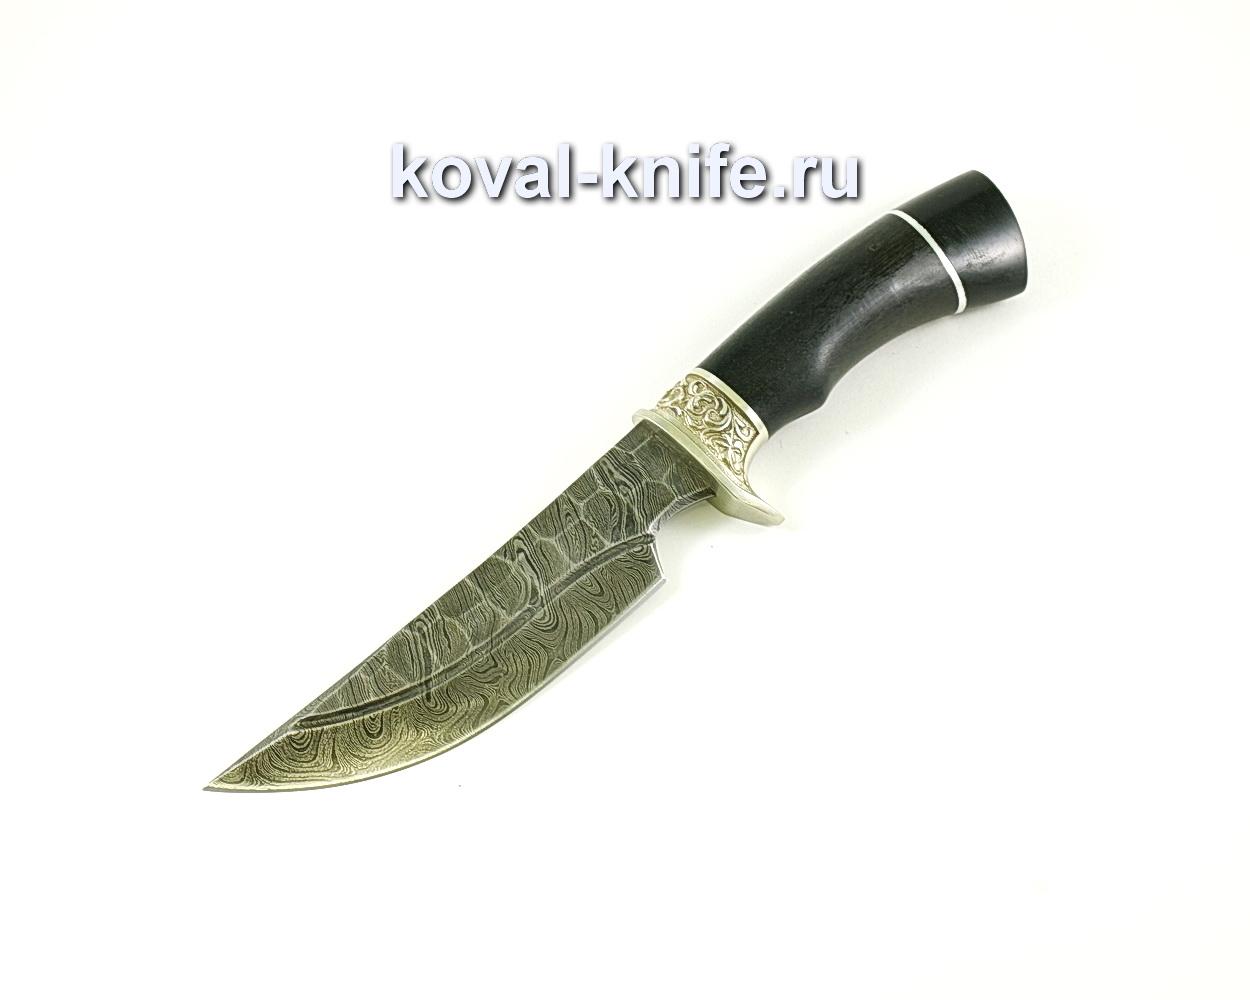 Нож Лис-2 (сталь дамасская), рукоять граб, мельхиор A065